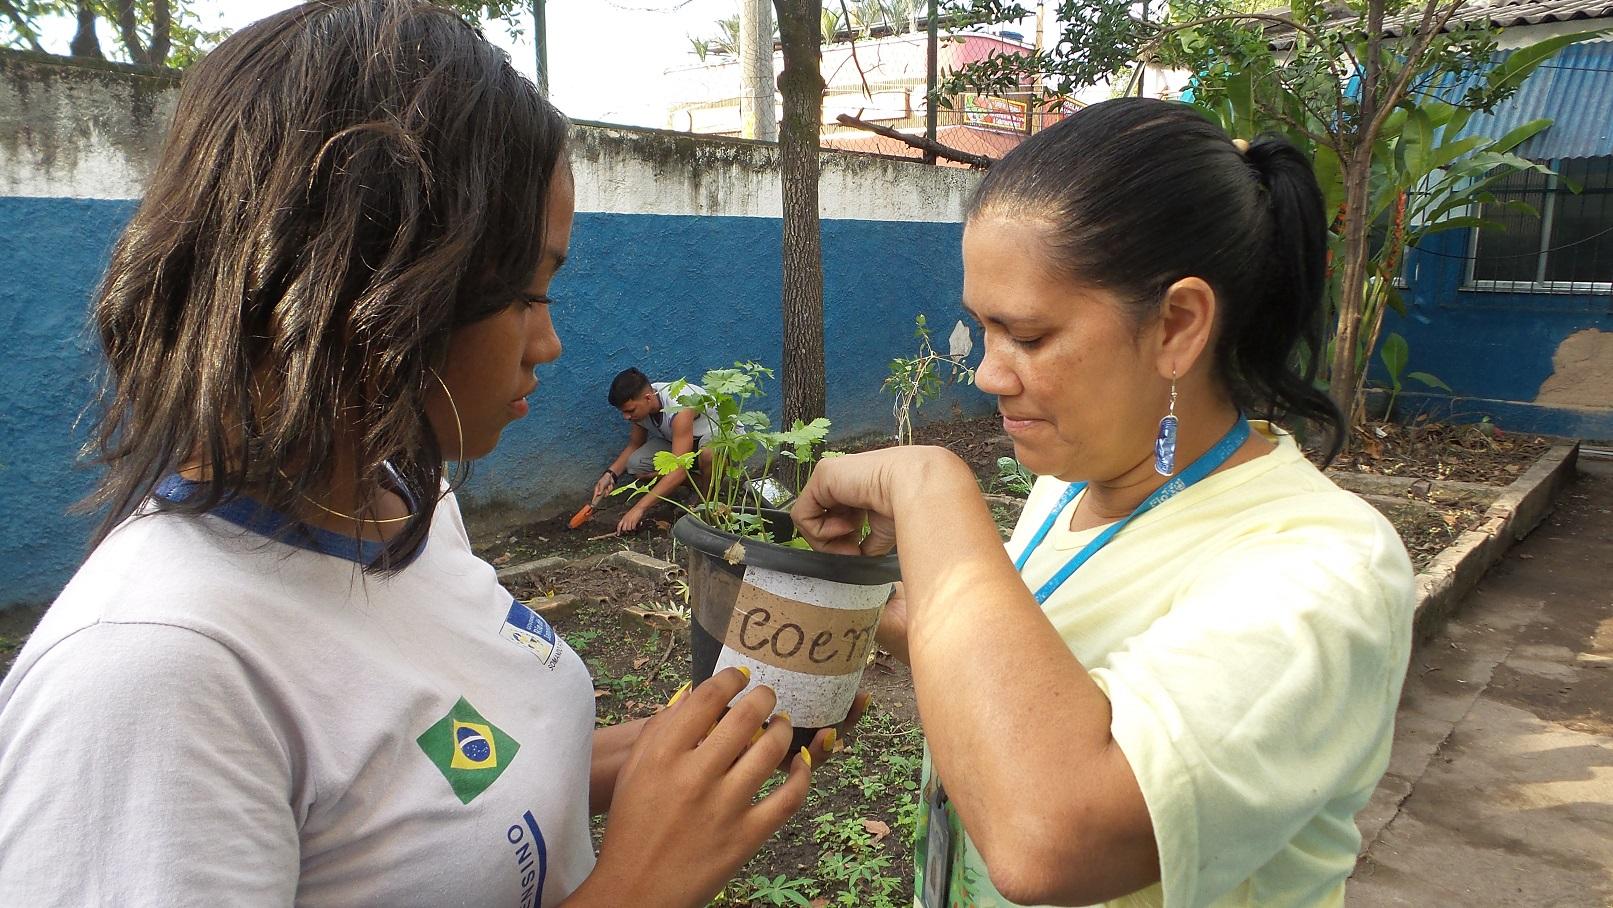 Valdirene Militão, pesquisadora da Fiocruz, orienta os alunos sobre como cuidarem das hortaliças. Foto Elizabeth Oliveira